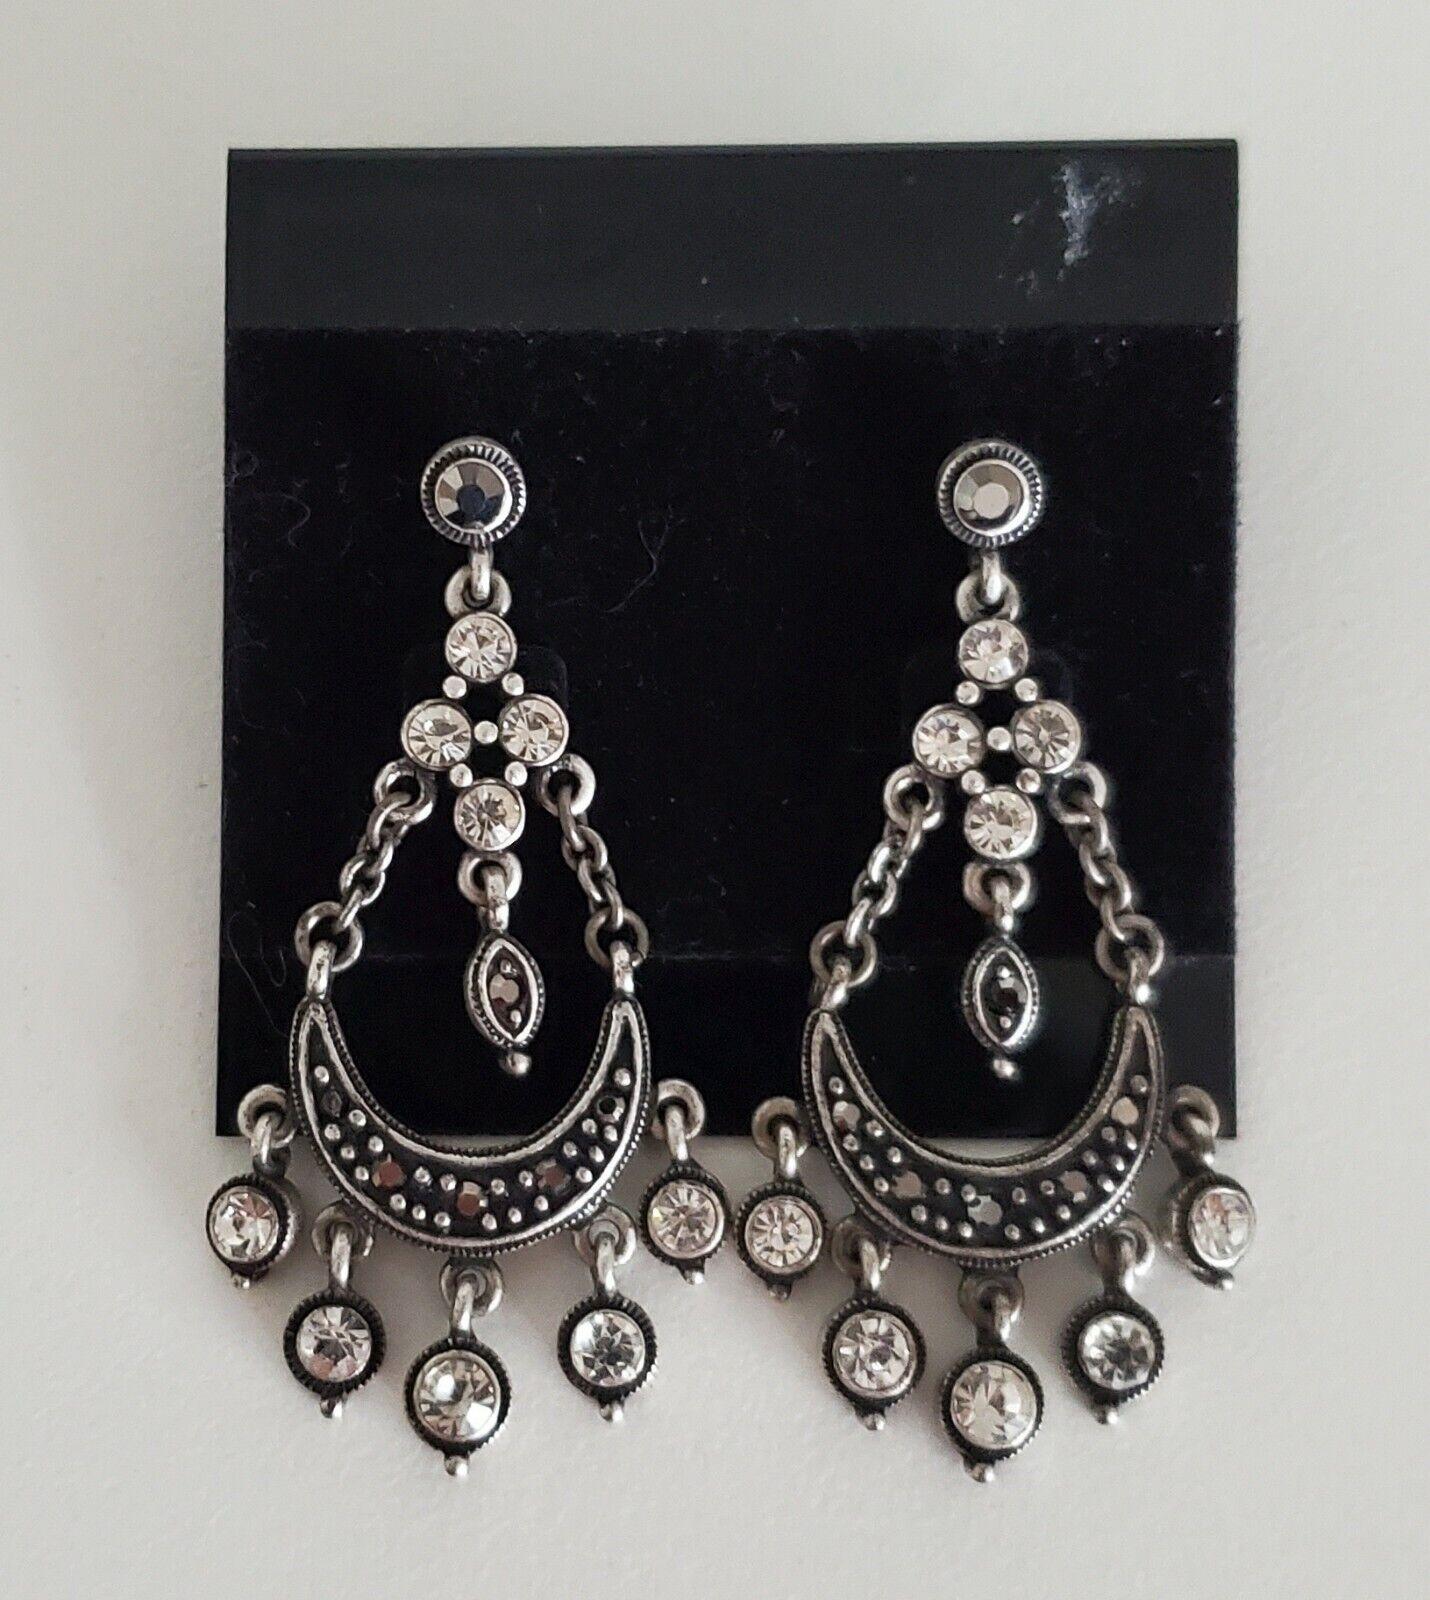 Earrings Dangle Rhinestone Chandelier Steampunk Boho Gothic Pierced Silvertone